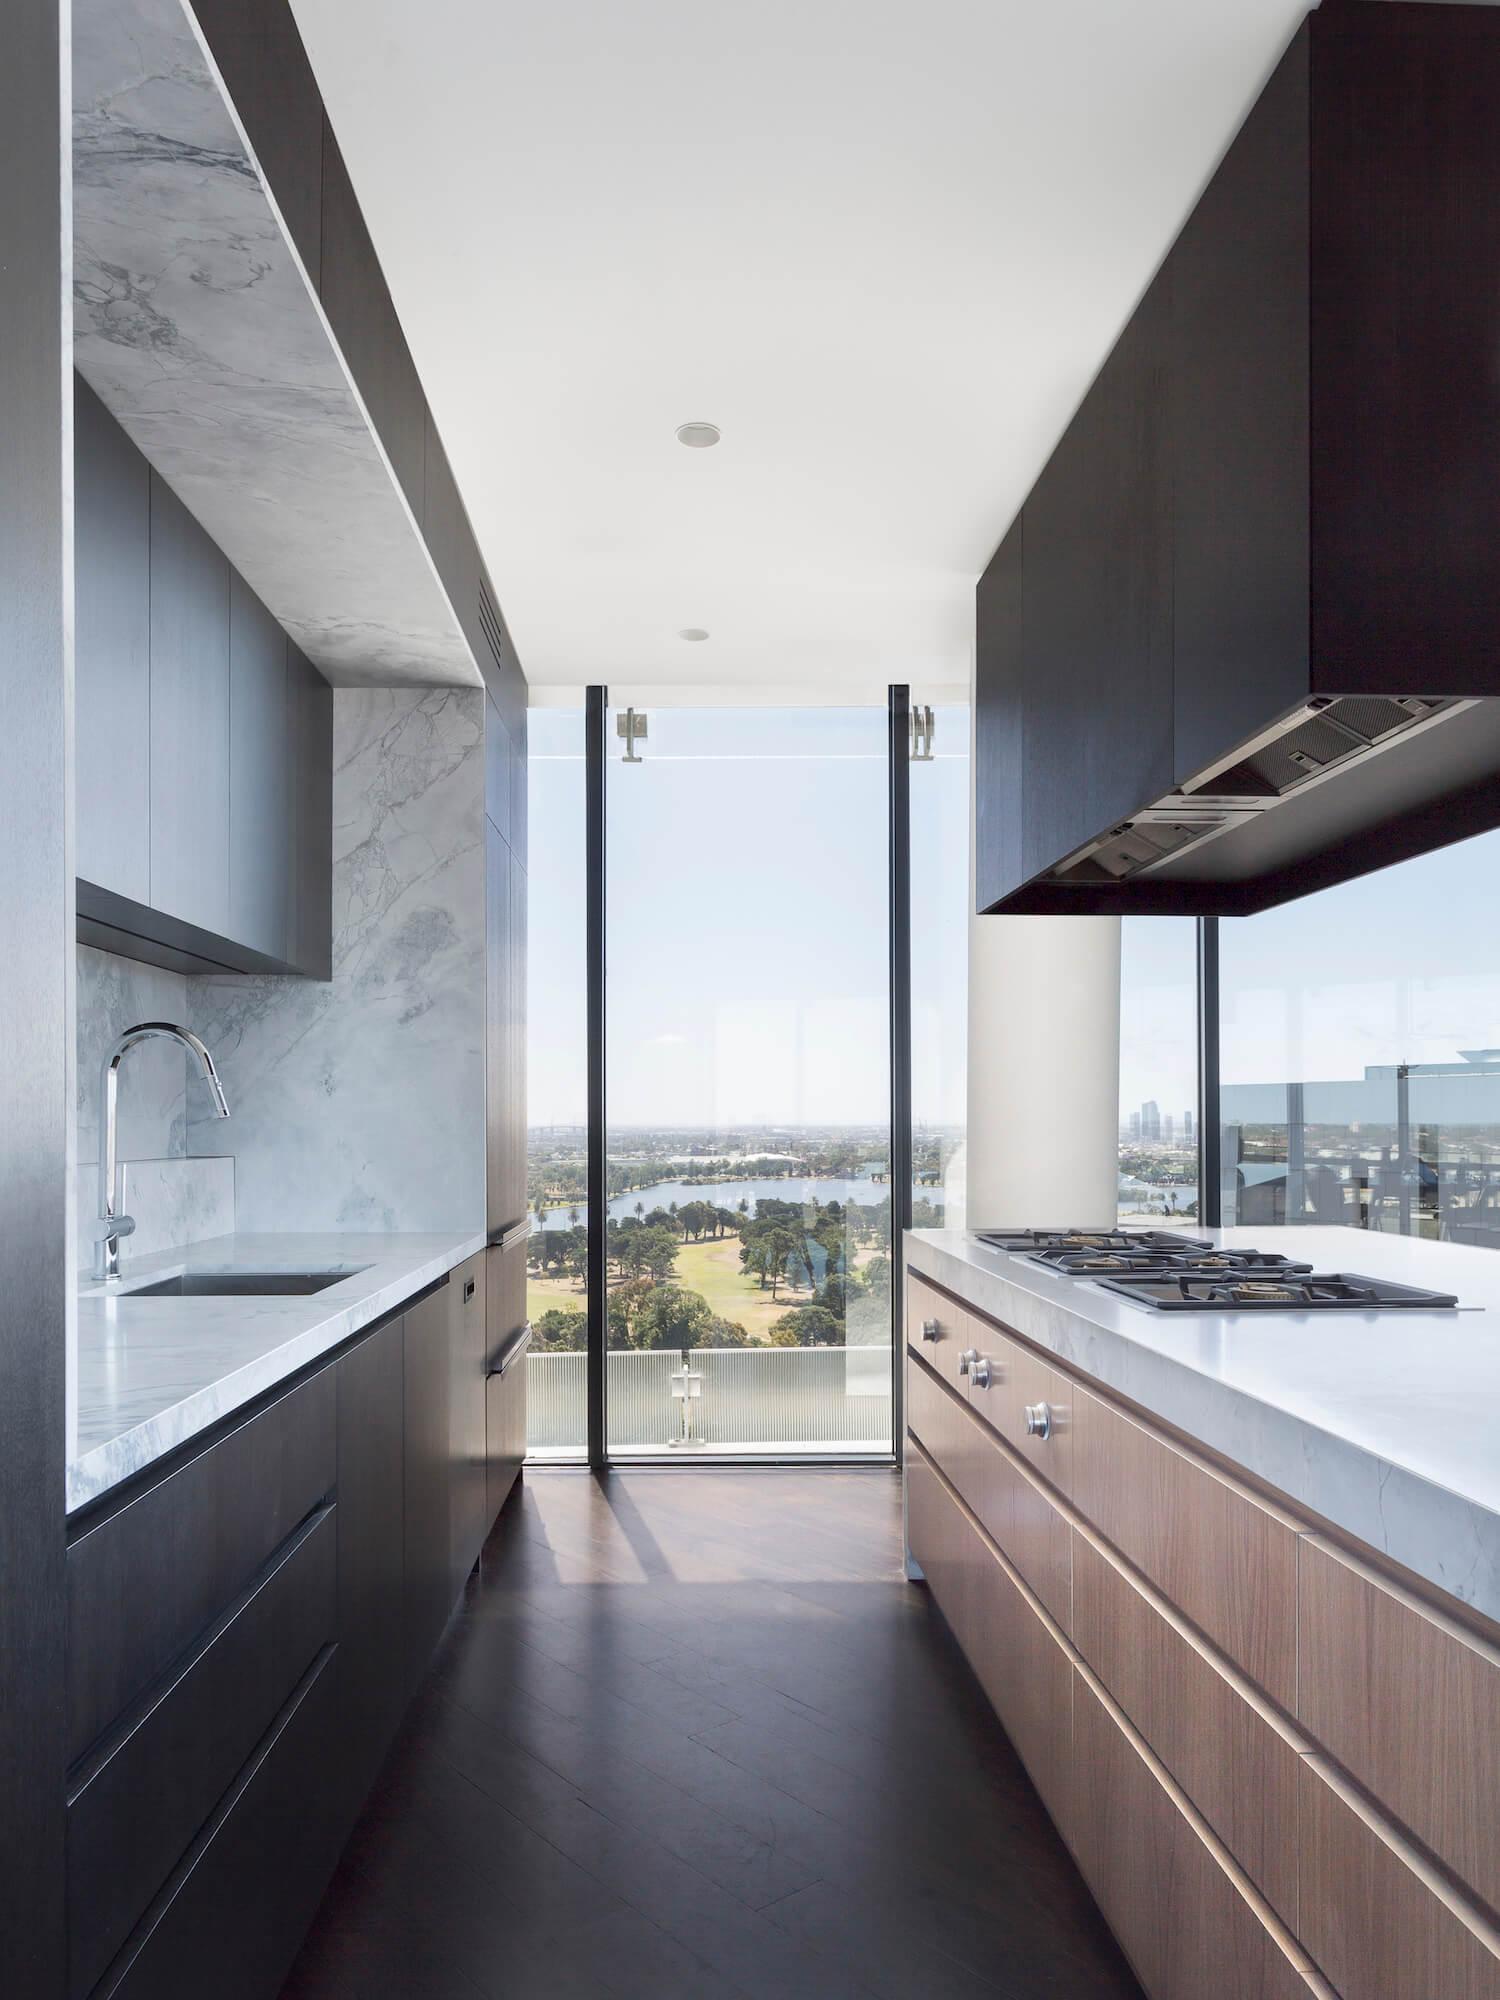 est living designer interview biasol design studio yve penthouse 31 ari hatzis